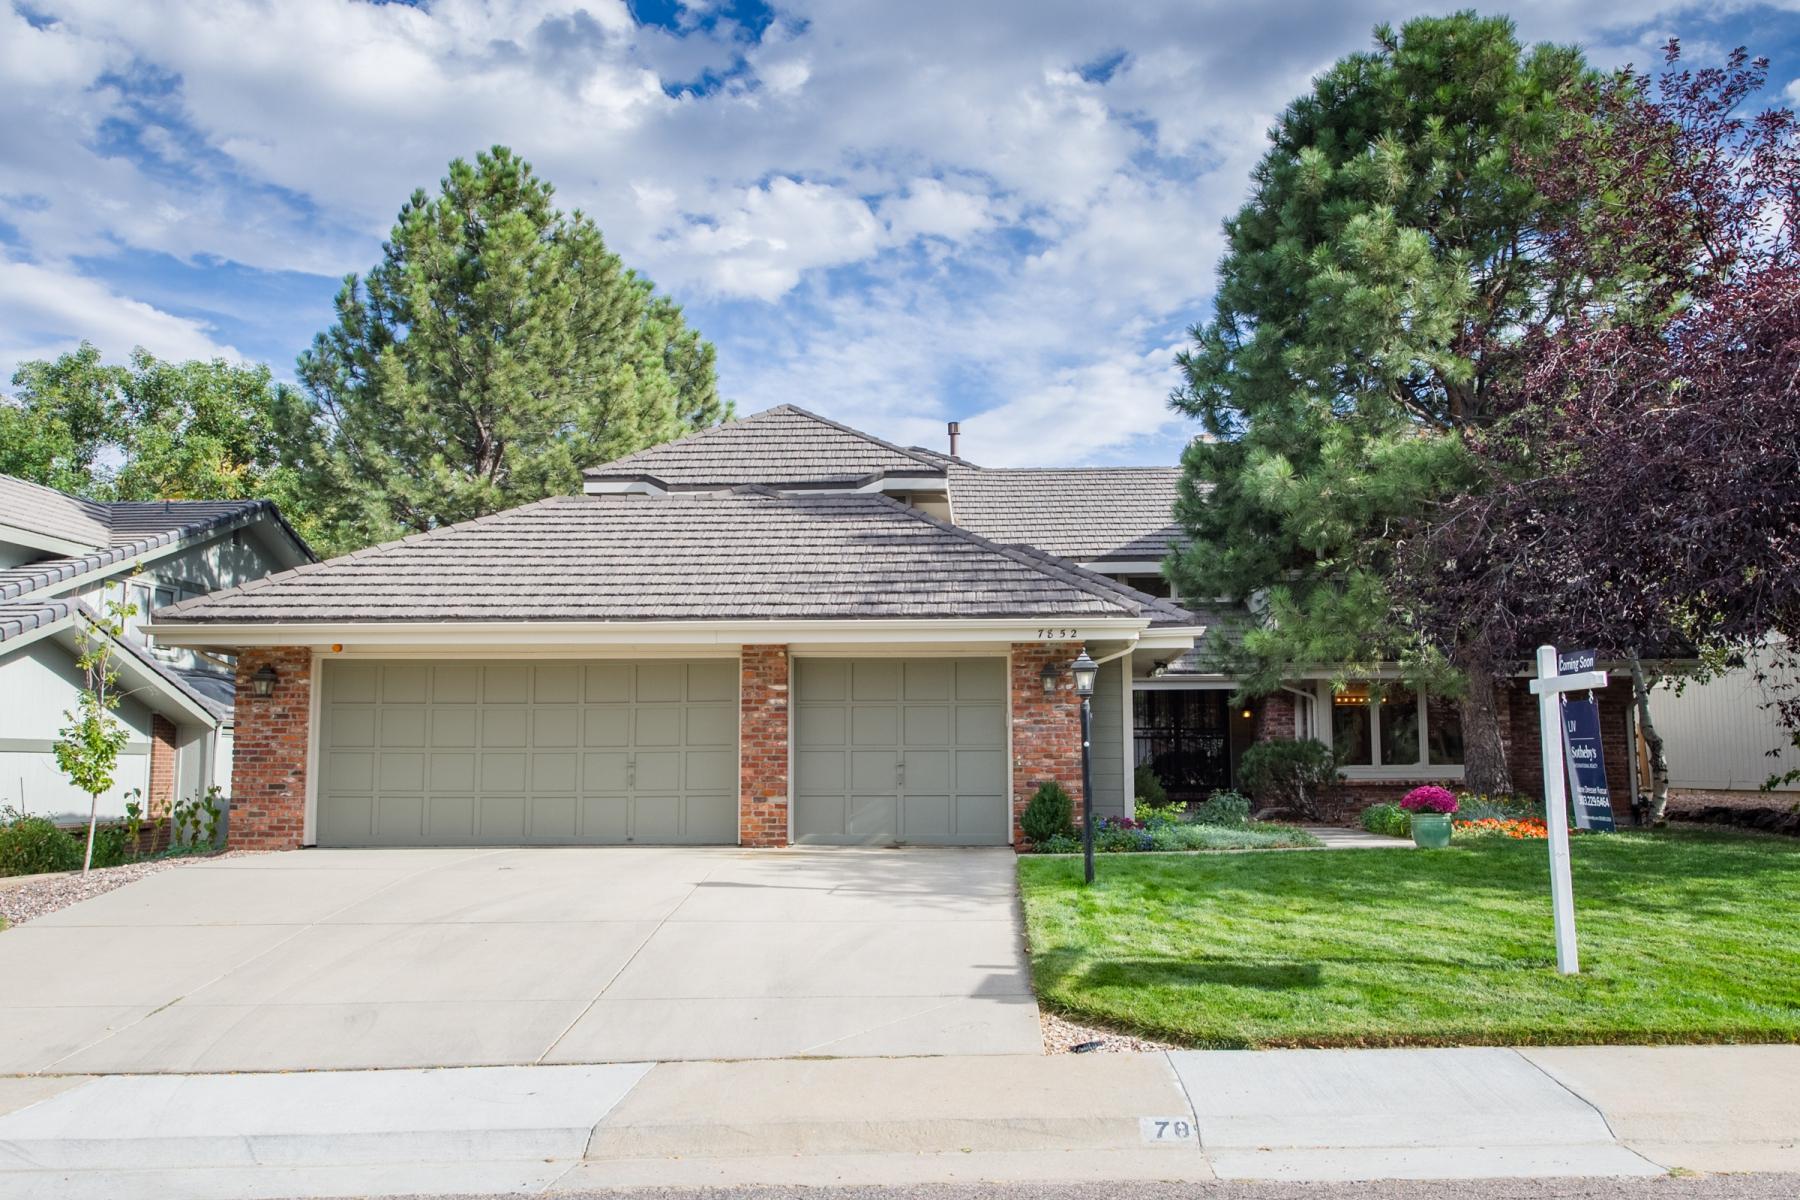 Maison unifamiliale pour l Vente à Heritage Greens 7852 S Glencoe Way Centennial, Colorado 80122 États-Unis